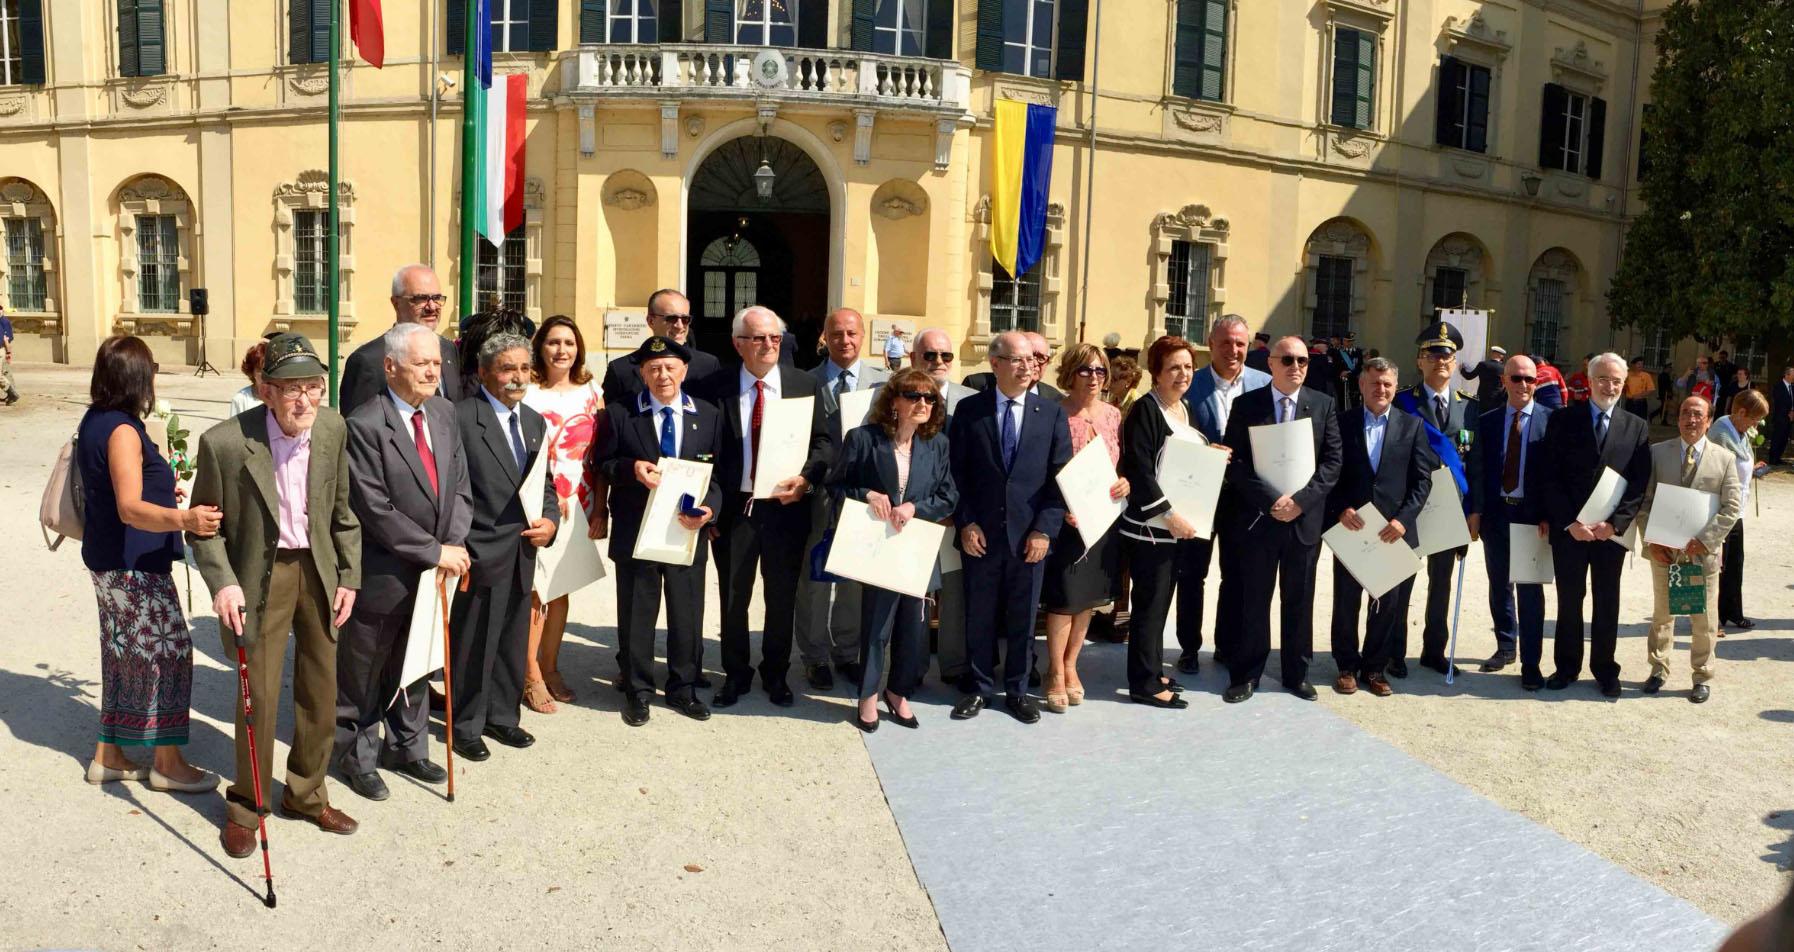 Rosolino pomi nominato cavaliere all ordine della for Senatori della repubblica italiana nomi